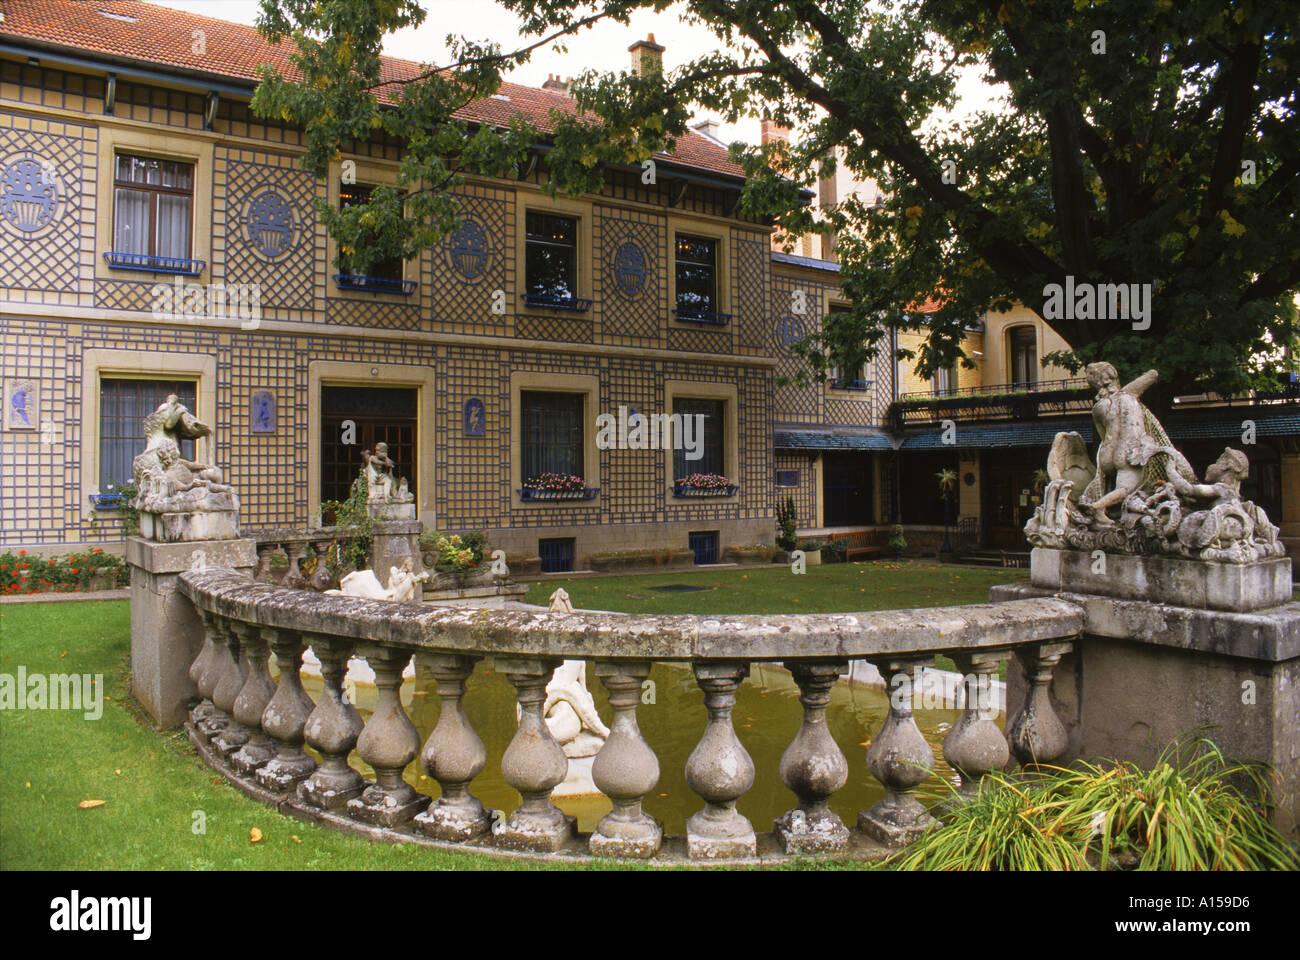 Balaustra e decorate esterno dell'Art Nouveau Musee de l apos Ecole de Nancy Lorraine Francia un Woolfitt Foto Stock